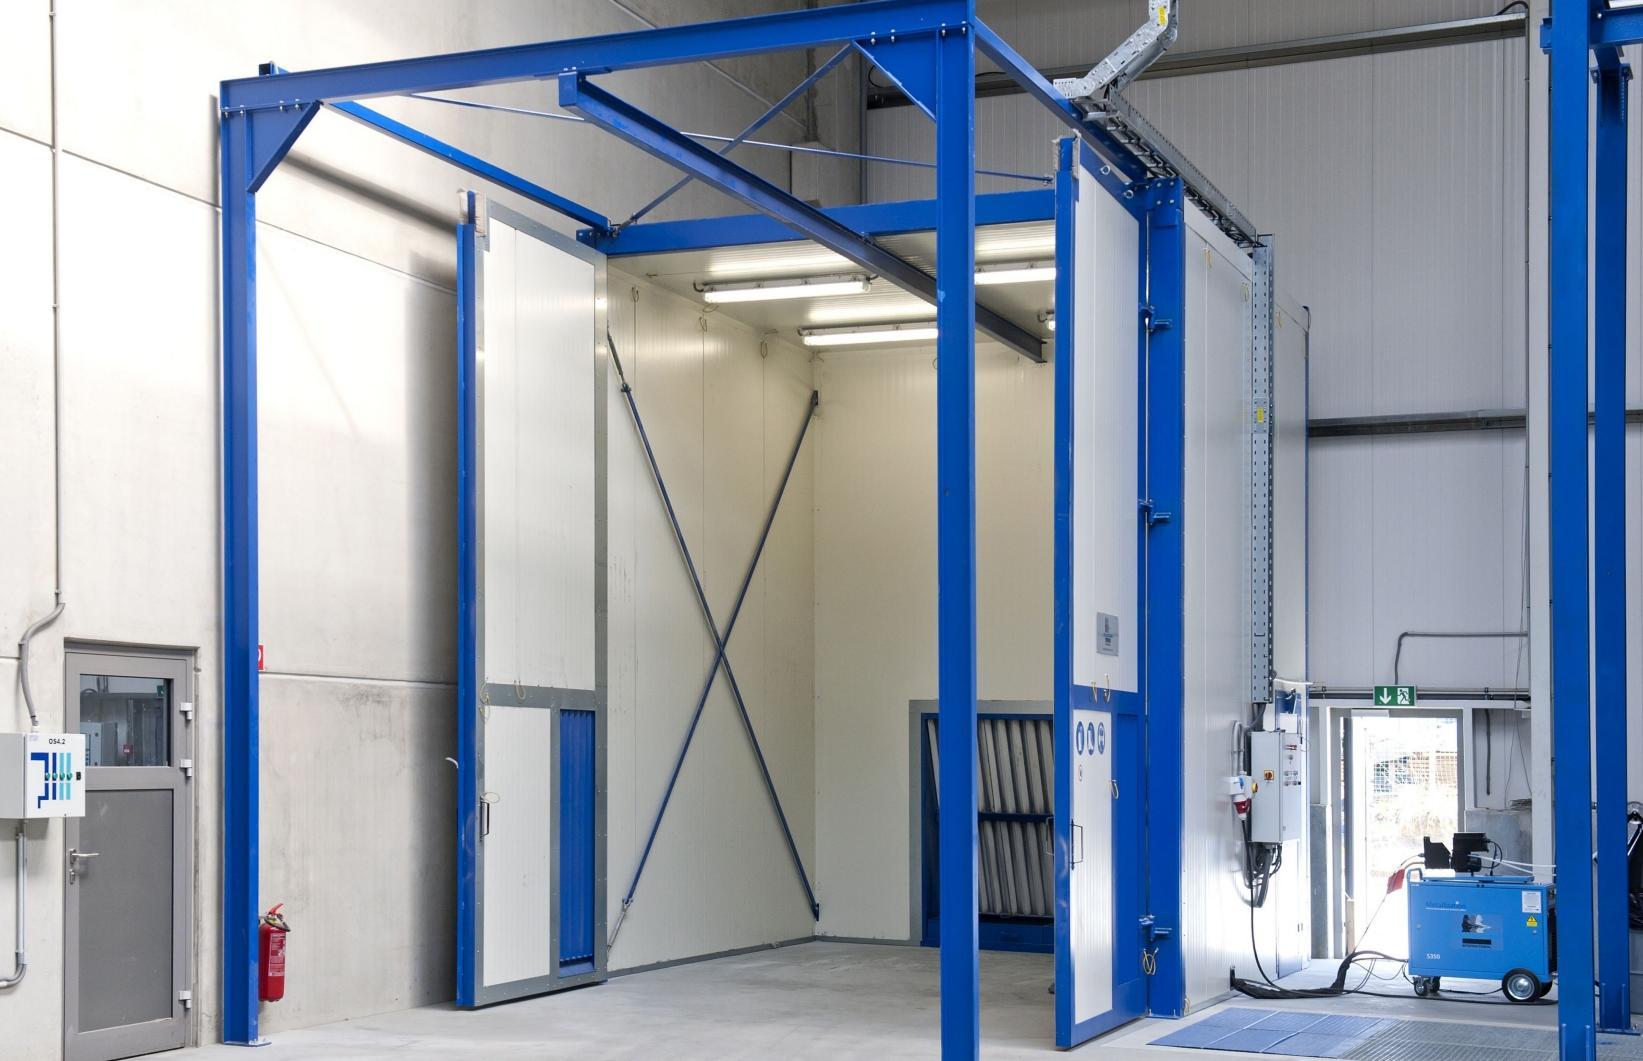 De ultramoderne metallisatiecabines garanderen een milieuvriendelijke werkomgeving voor de operator